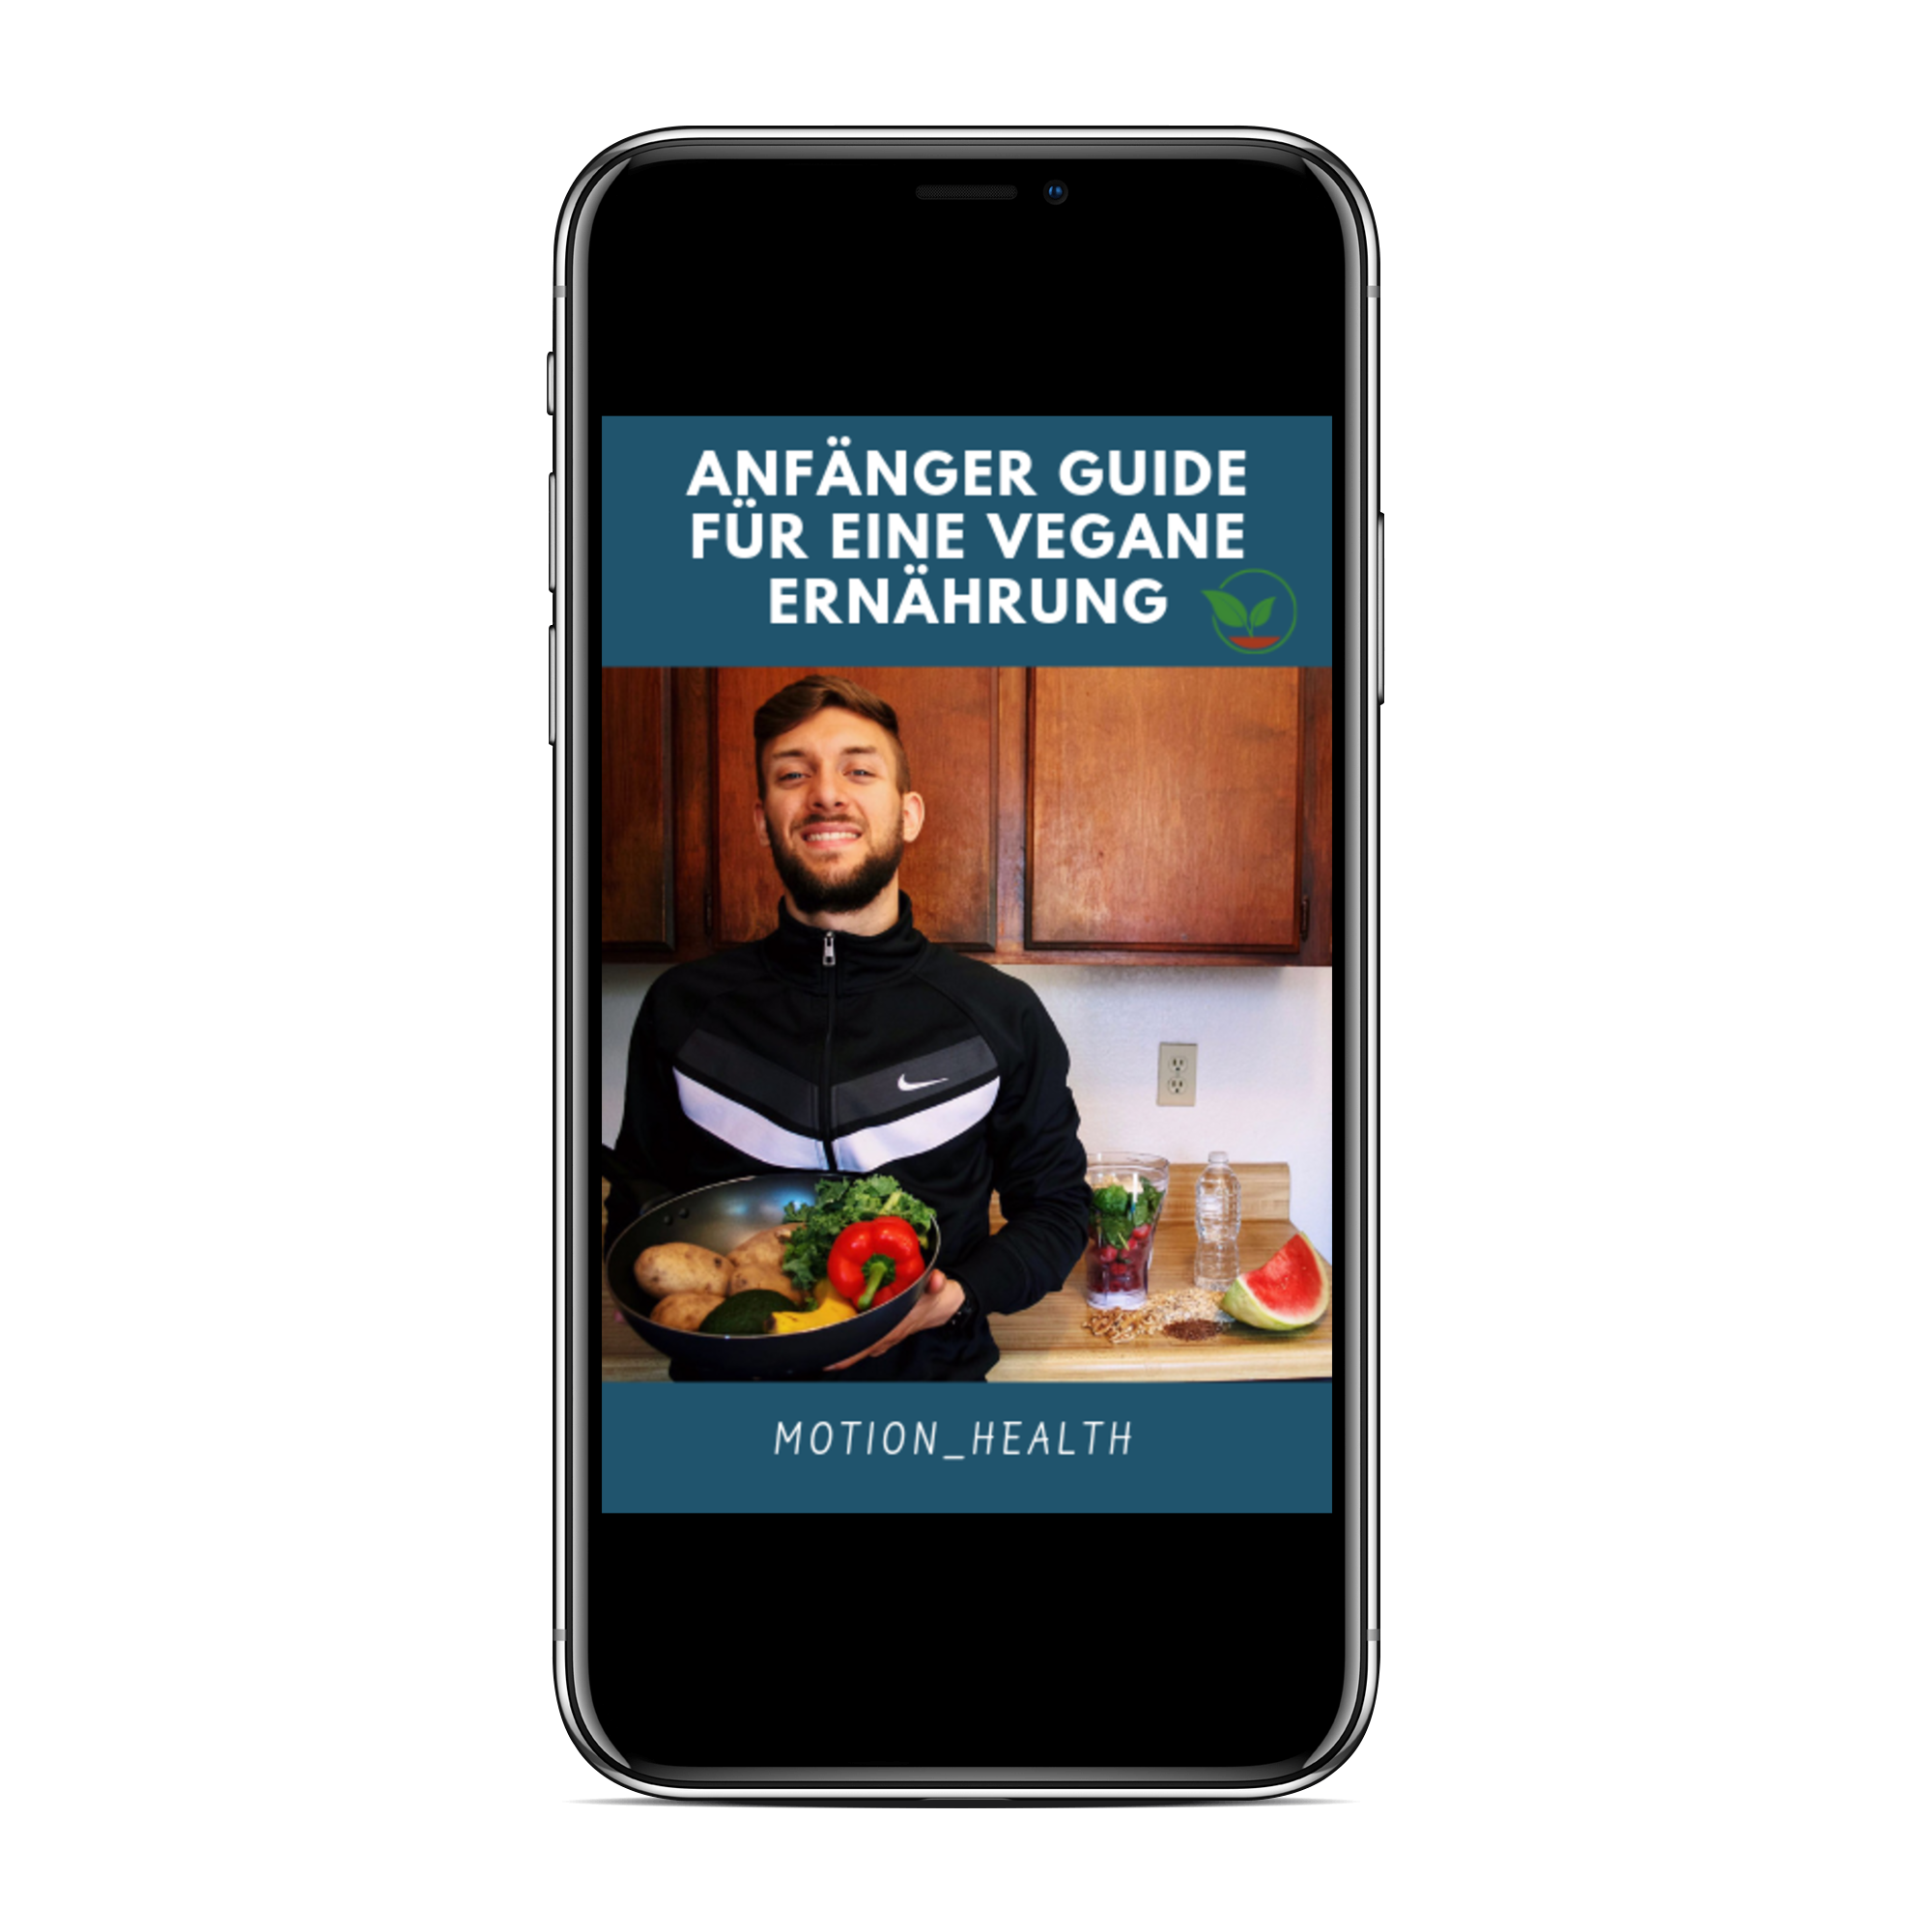 Kopie von ANFÄNGER GUIDE FÜR EINE VEGANE ERNÄHRUNG (1)_iphonexspacegrey_portrait.png